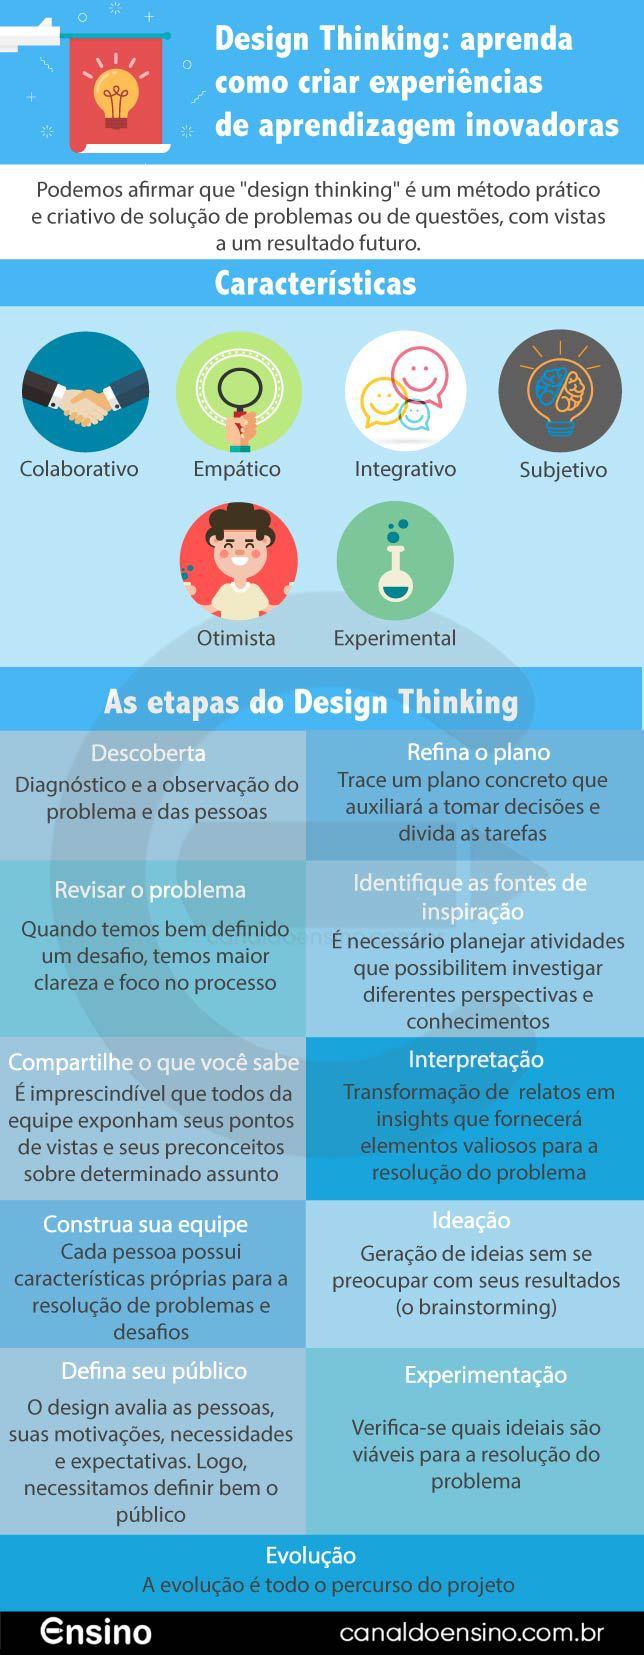 Design-Thinking-aprenda-como-criar-experiencias-de-aprendizagem-inovadoras-01 (1)